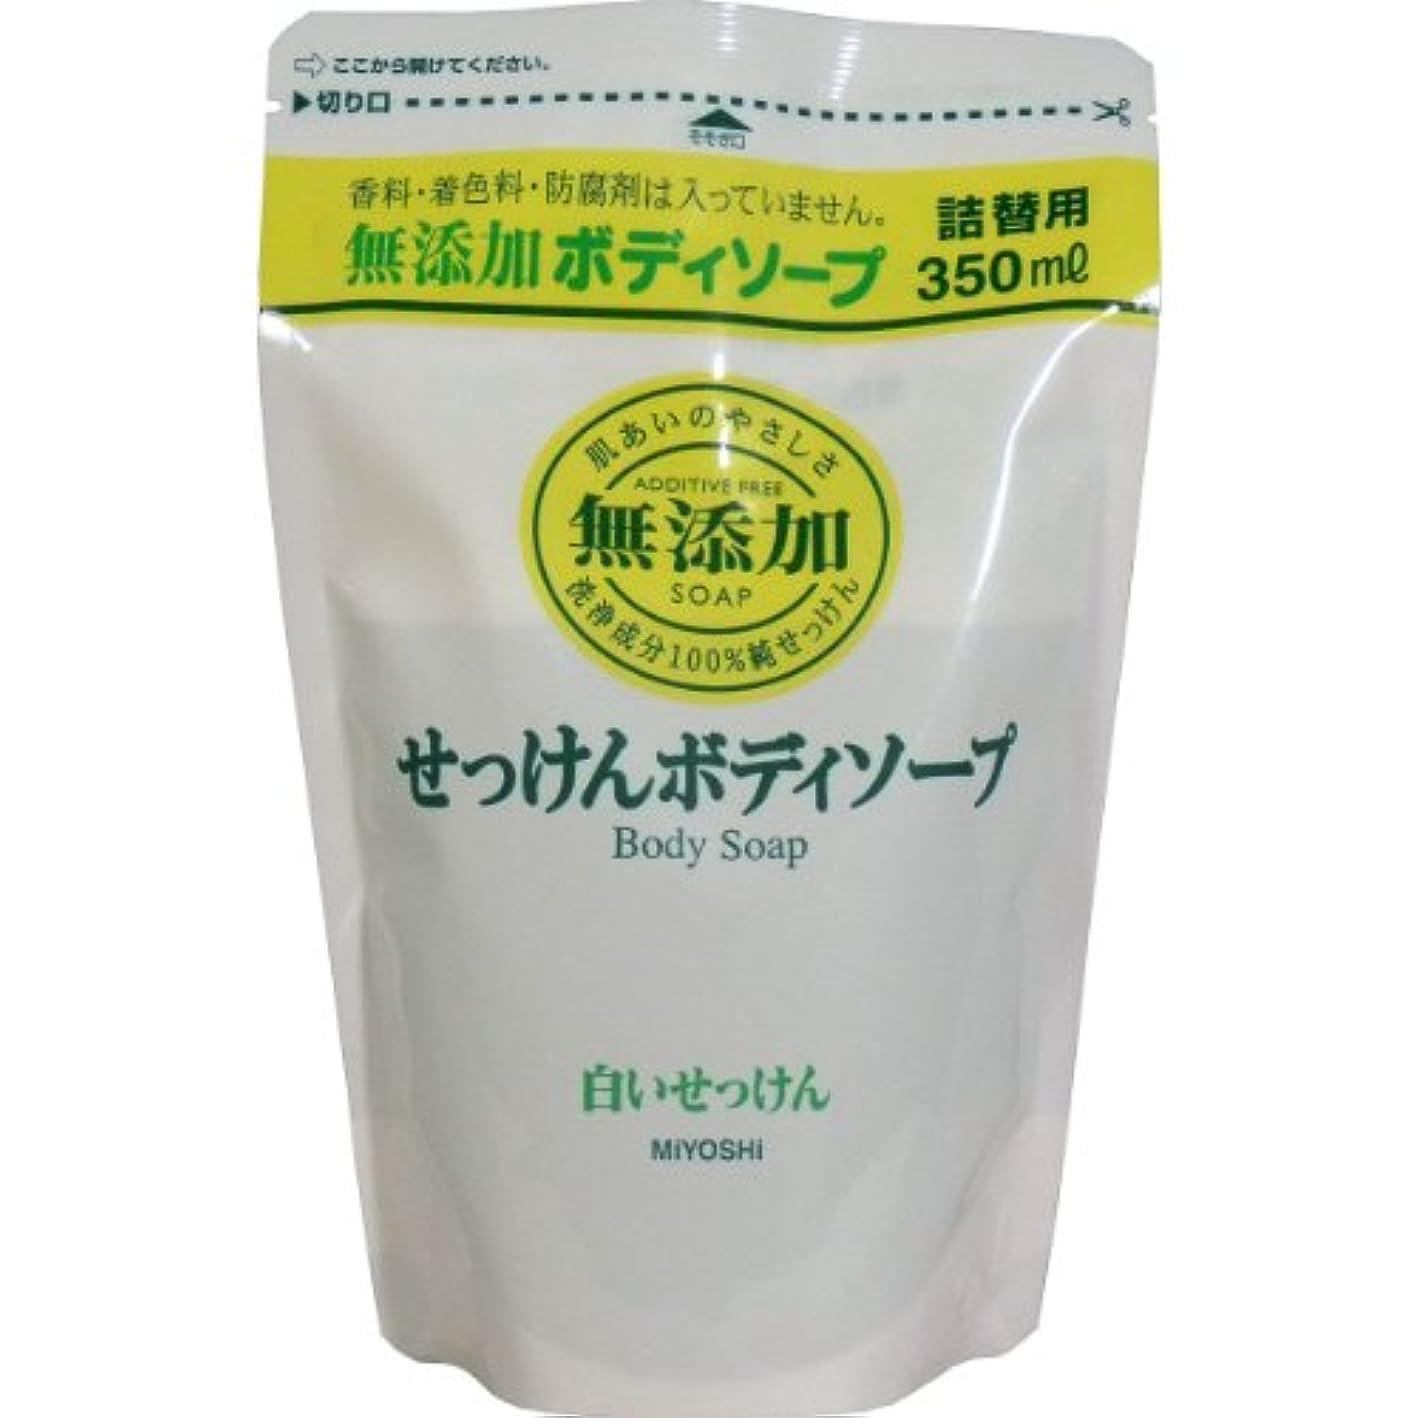 前に用心深い静脈ミヨシ石鹸 無添加 ボディソープ 白い石けん つめかえ用 350ml×20個セット(無添加石鹸)